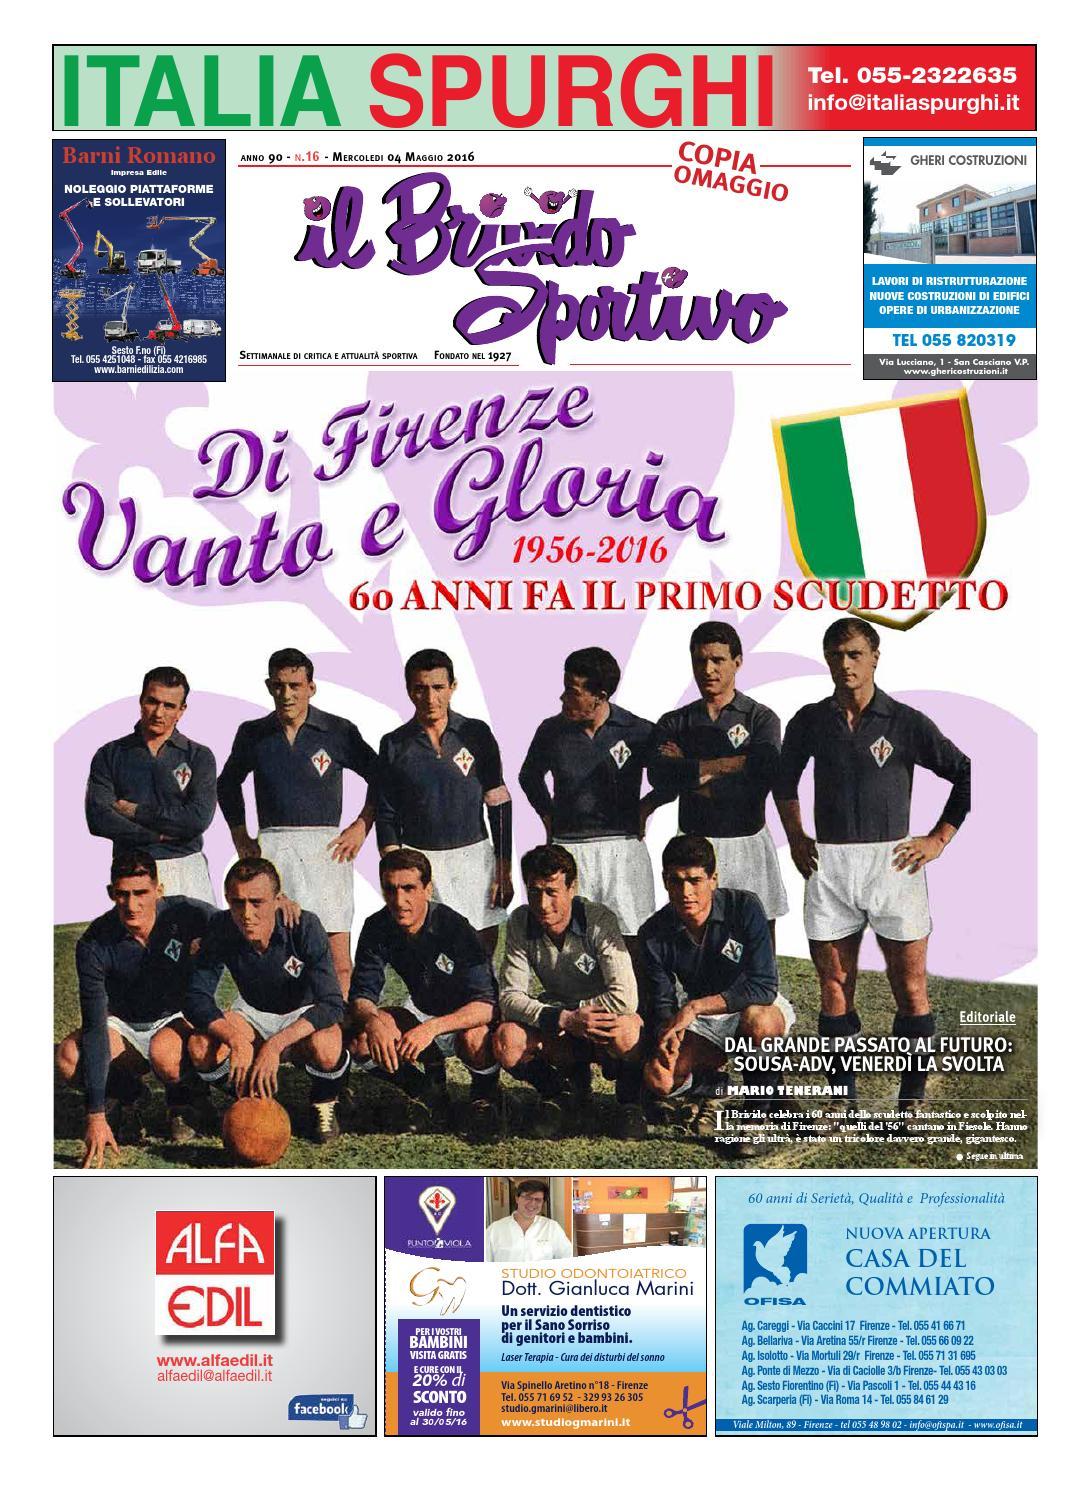 Alfa Edil Firenze Srl il brivido sportivo n 16 del 04 maggio 2016 by sportmedia